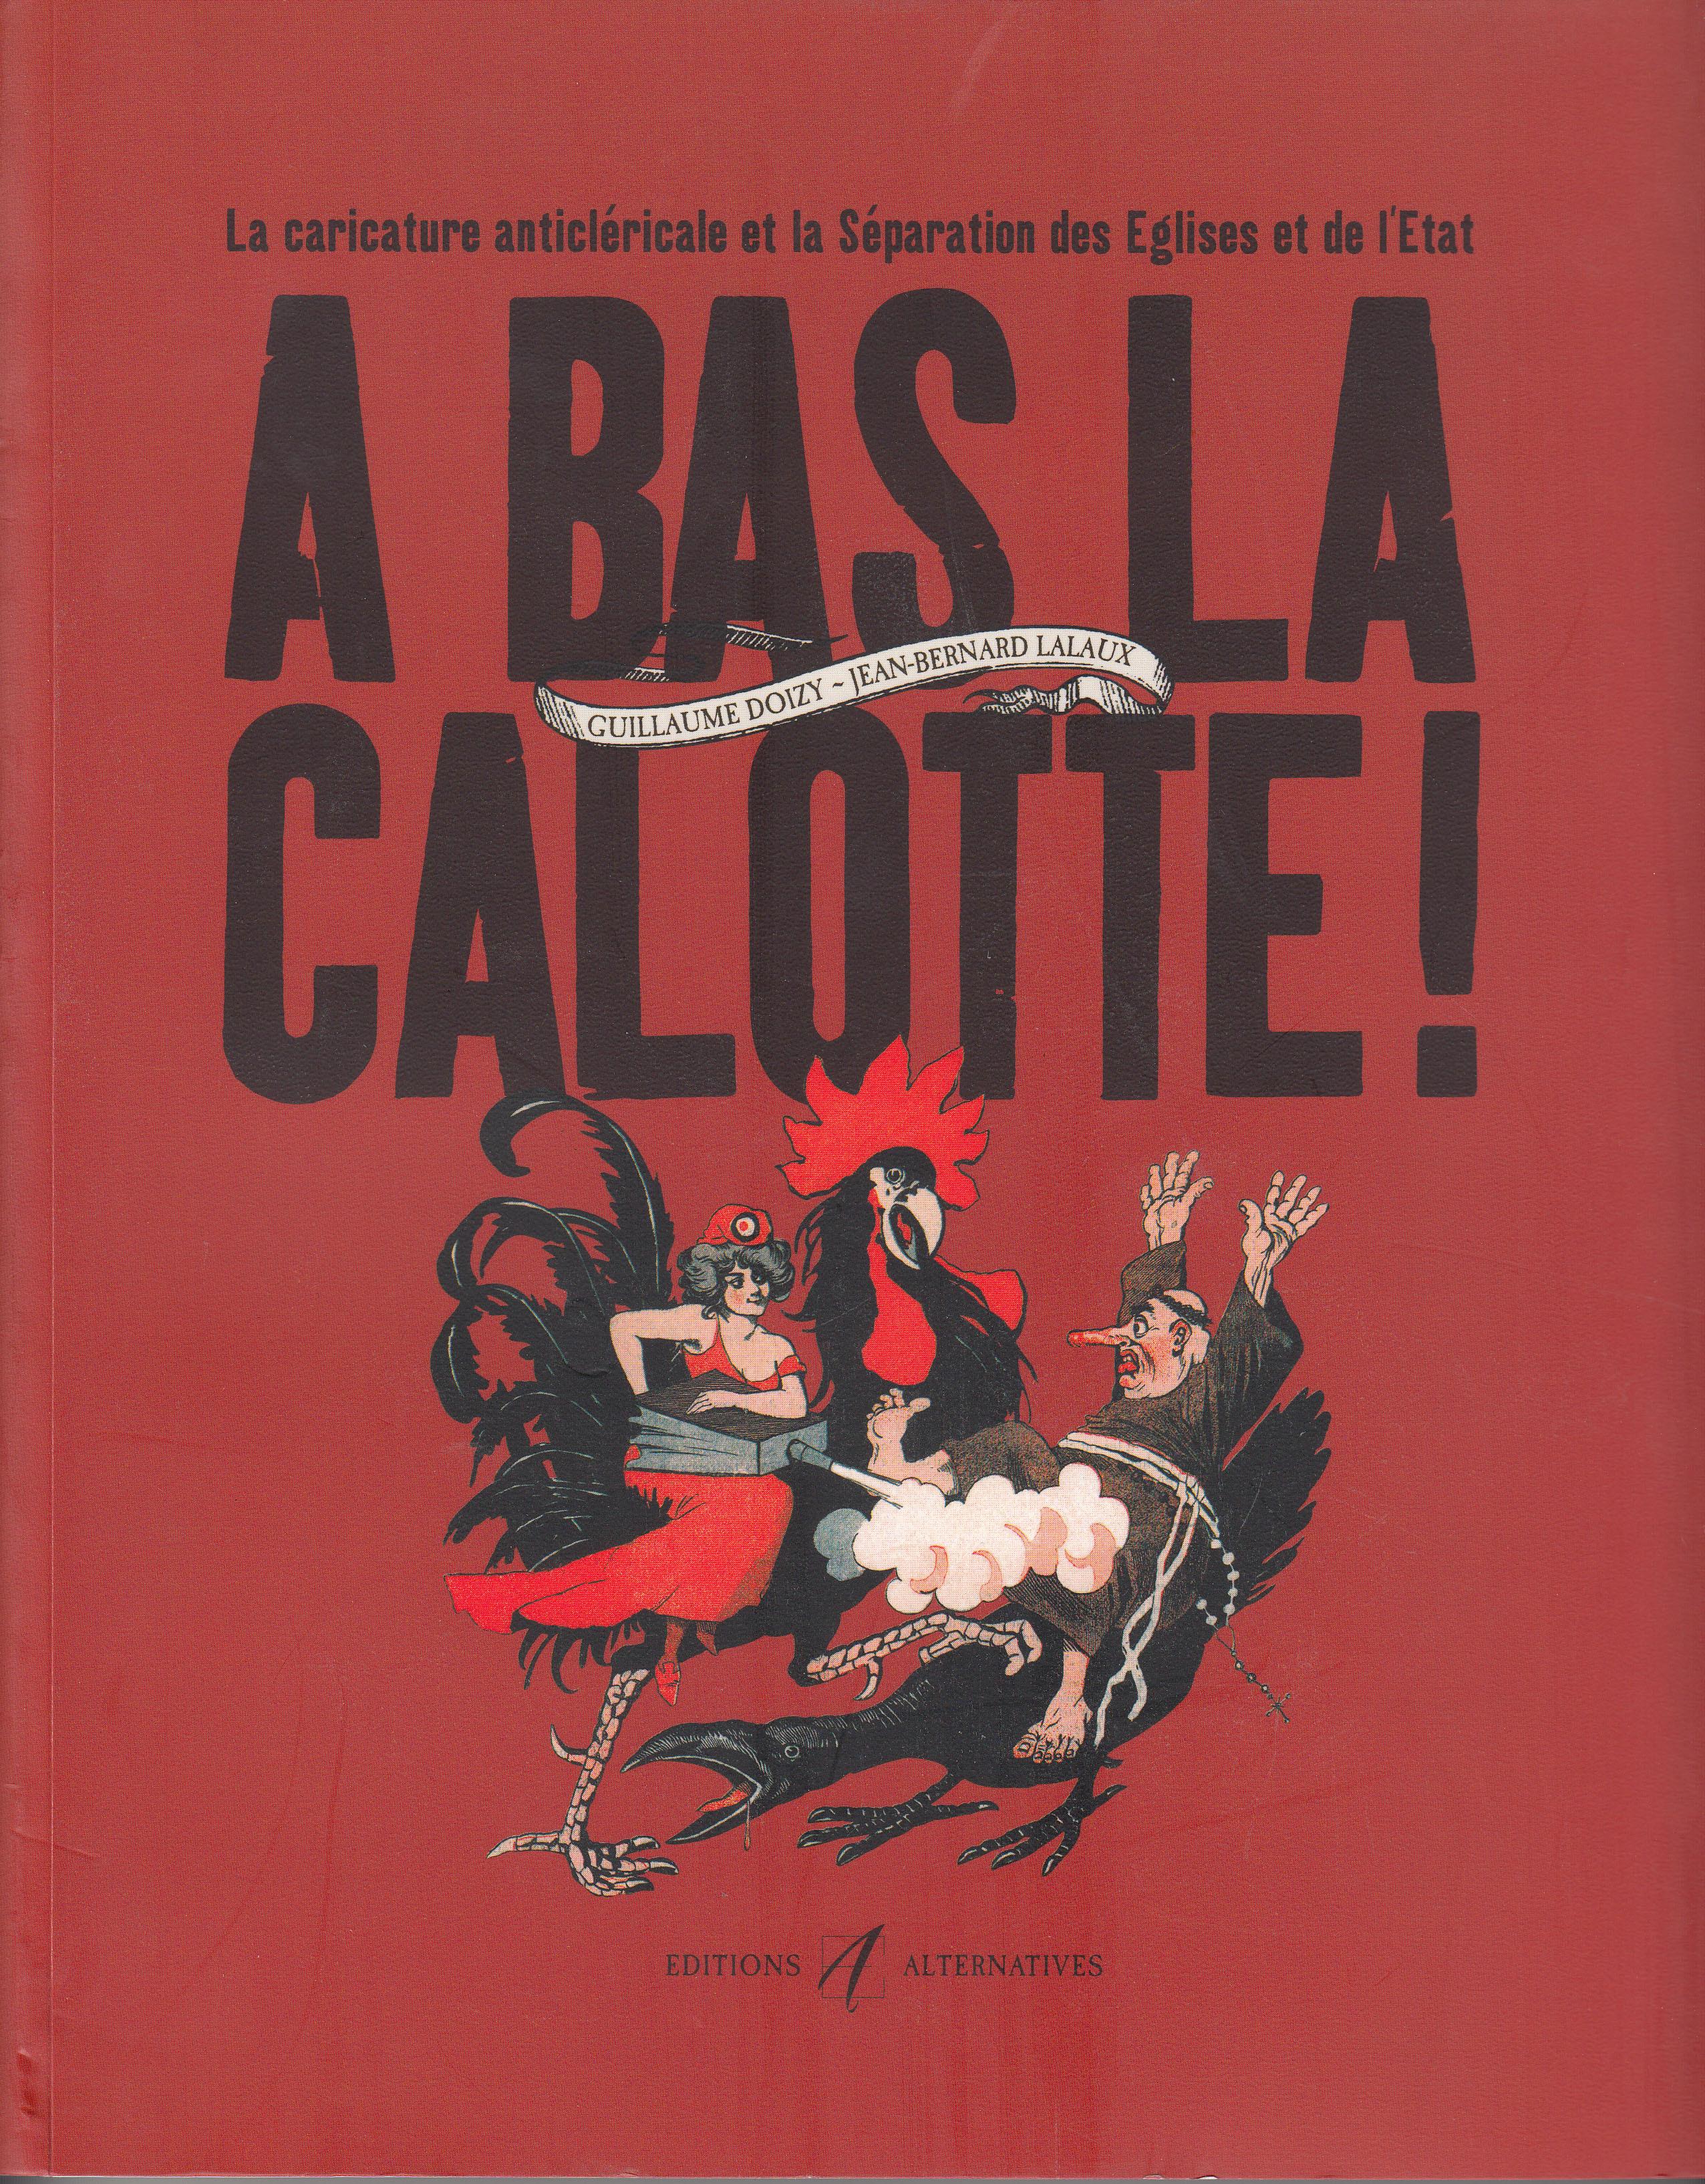 A BAS LA CALOTTE ! LA CARICATURE ANTICLERICALE ET LA SEPARATION DES EGLISES ET DE L'ETAT